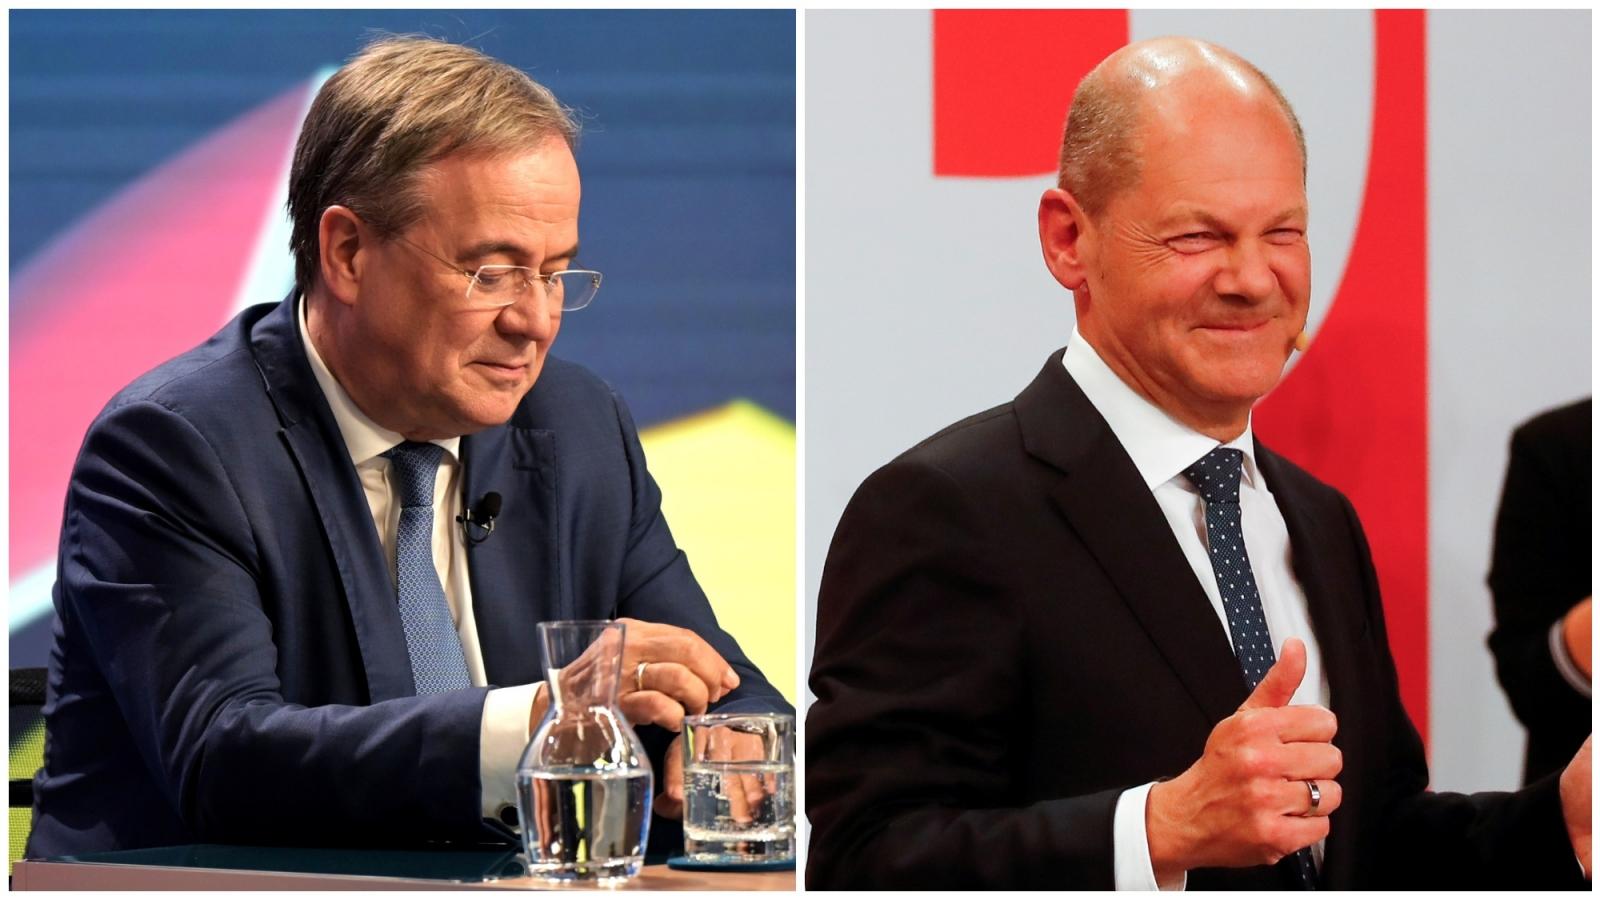 Đức lo ngại nguy cơ bế tắc chính trị kéo dài sau bầu cử